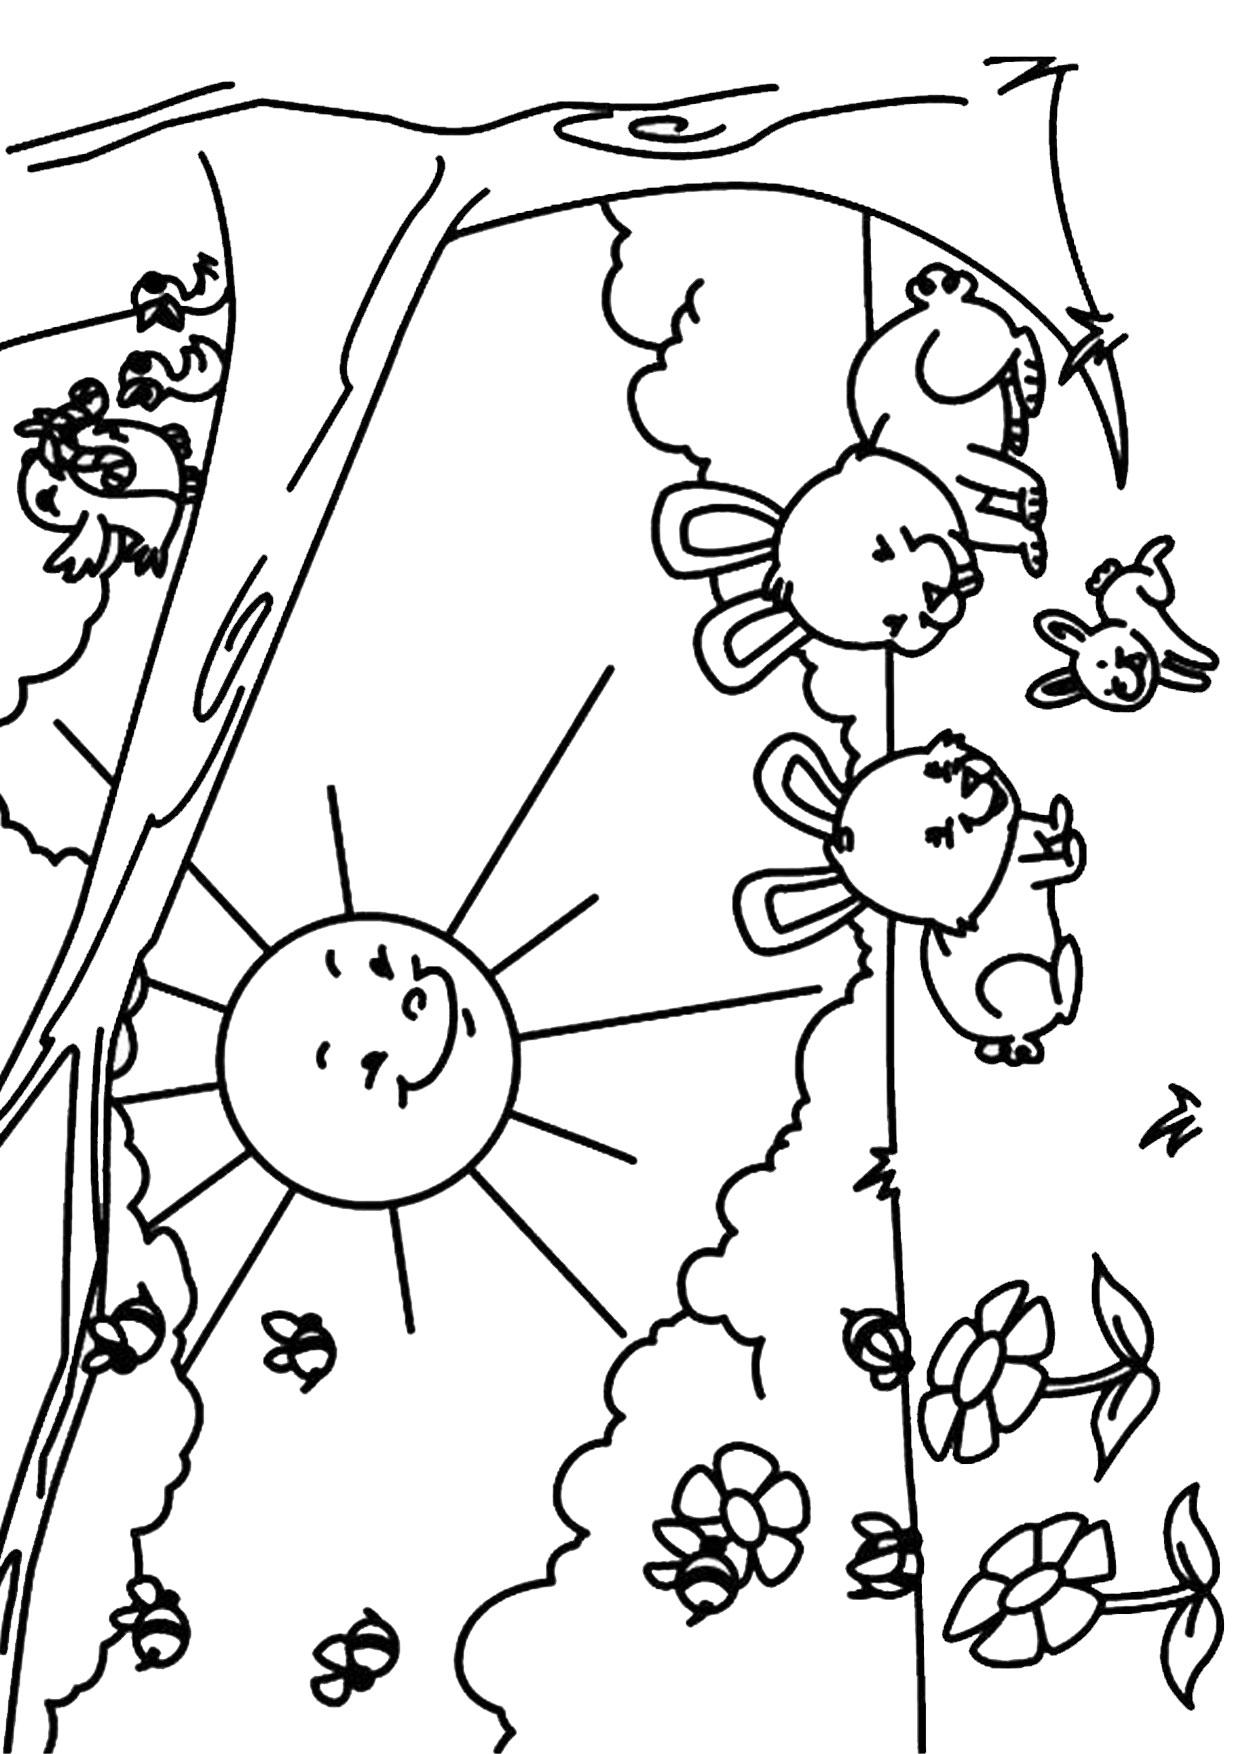 Disegno di paesaggio primaverile da colorare 12